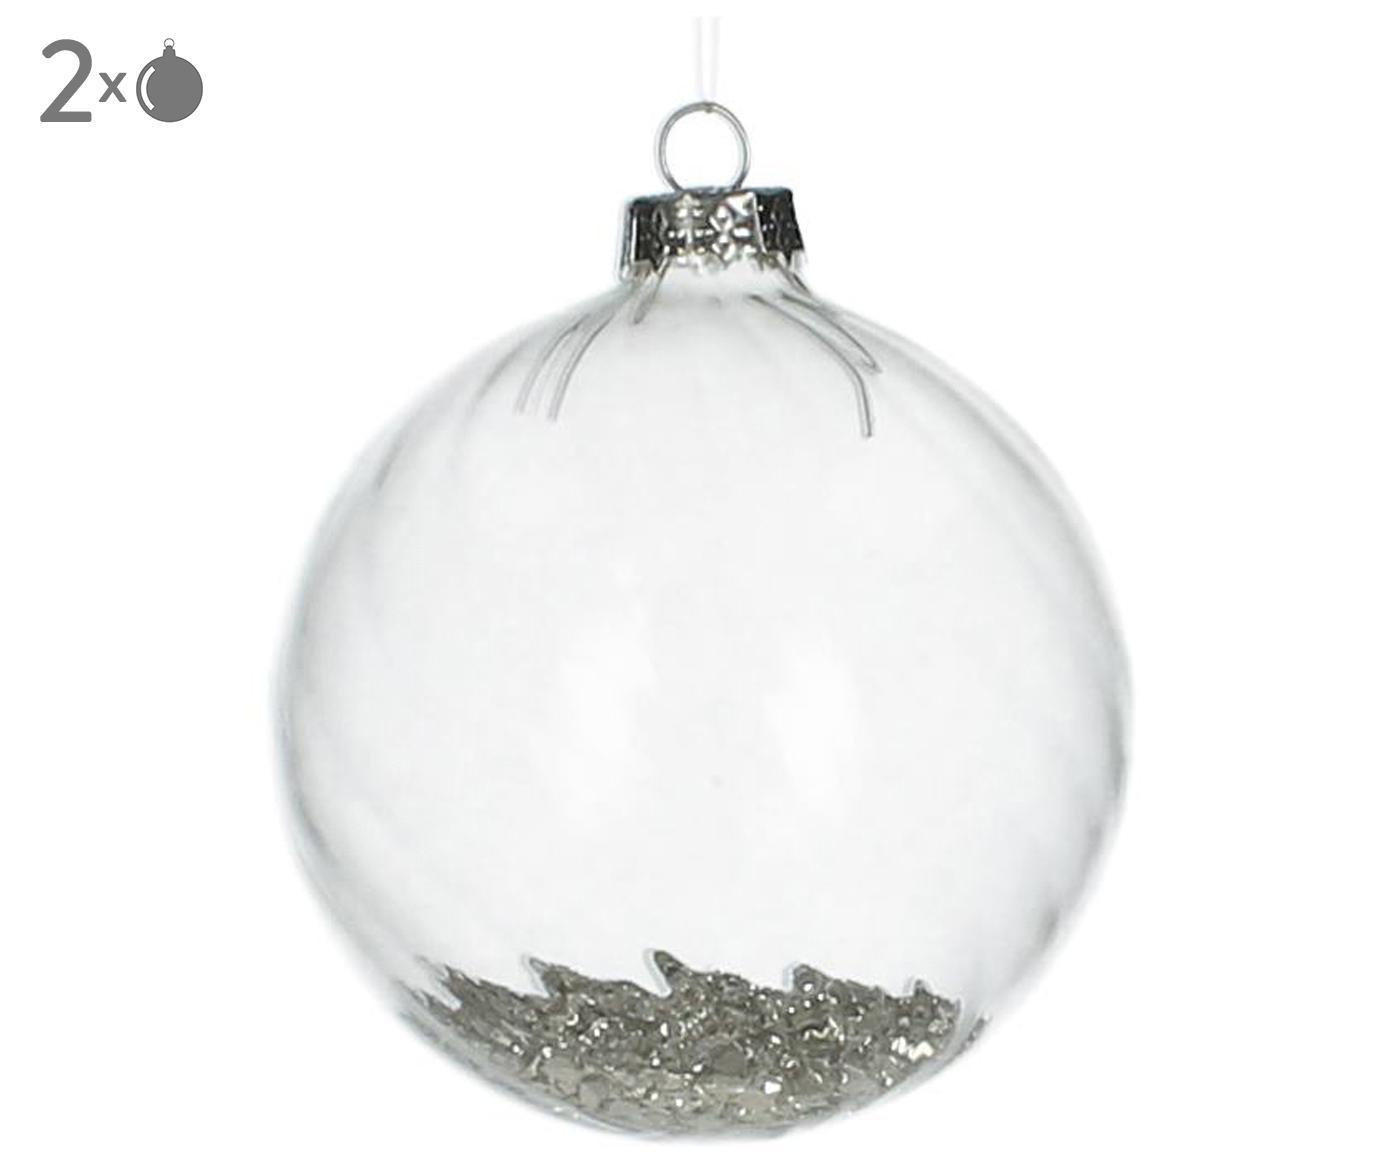 Kerstballen Rill, 2 stuks, Transparant, zilverkleurig, Ø 8 cm